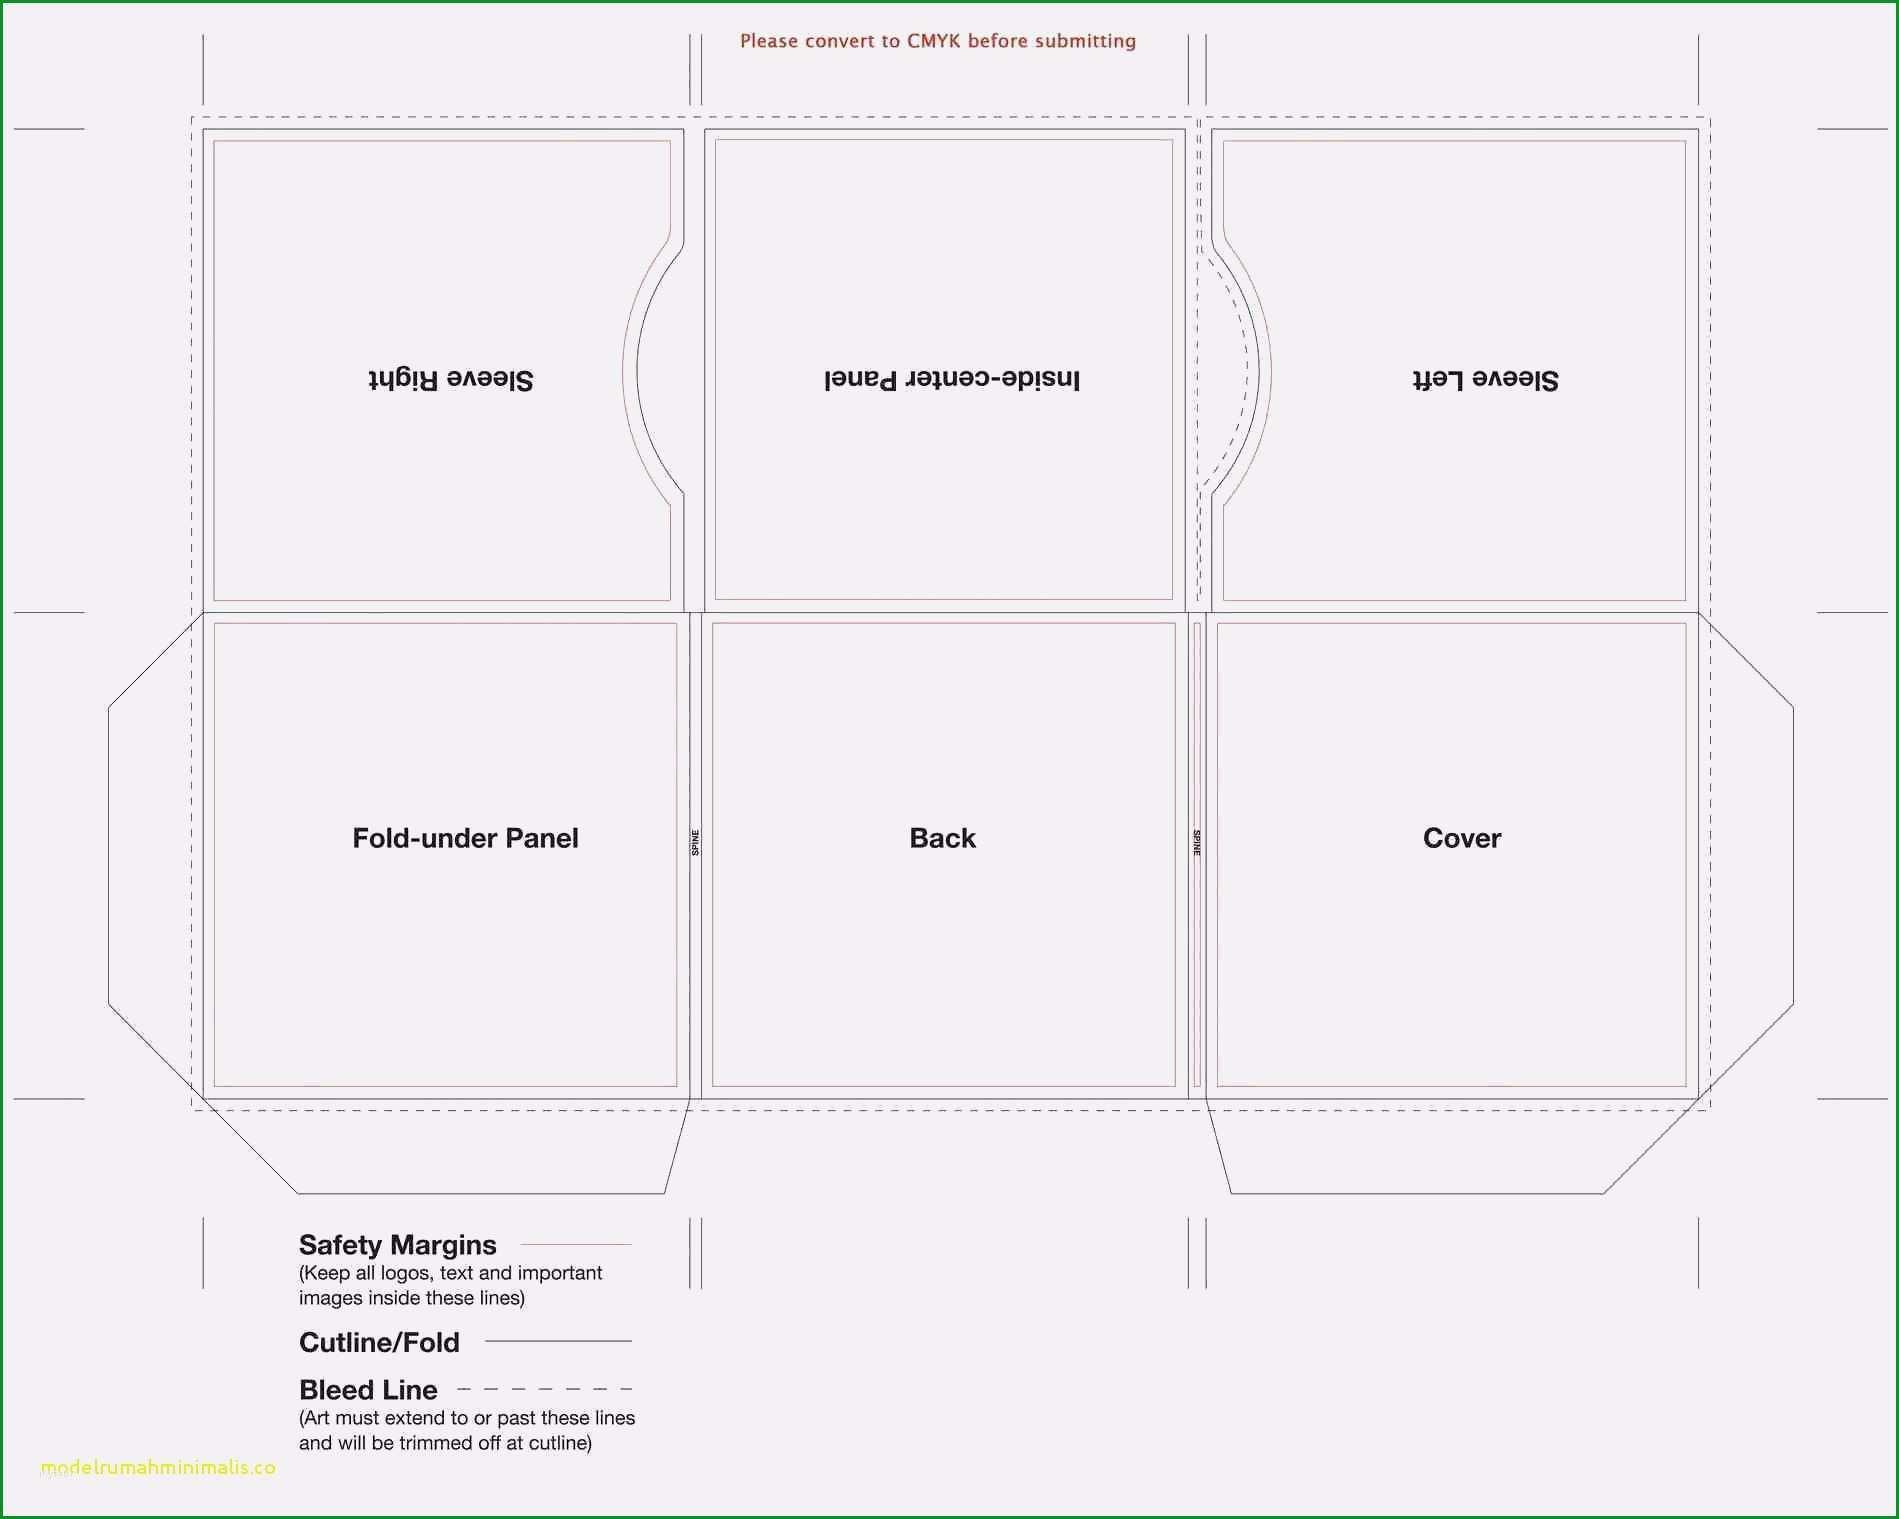 adressverwaltung excel vorlage dann schon etikettenvorlage excel fotos entry level resume